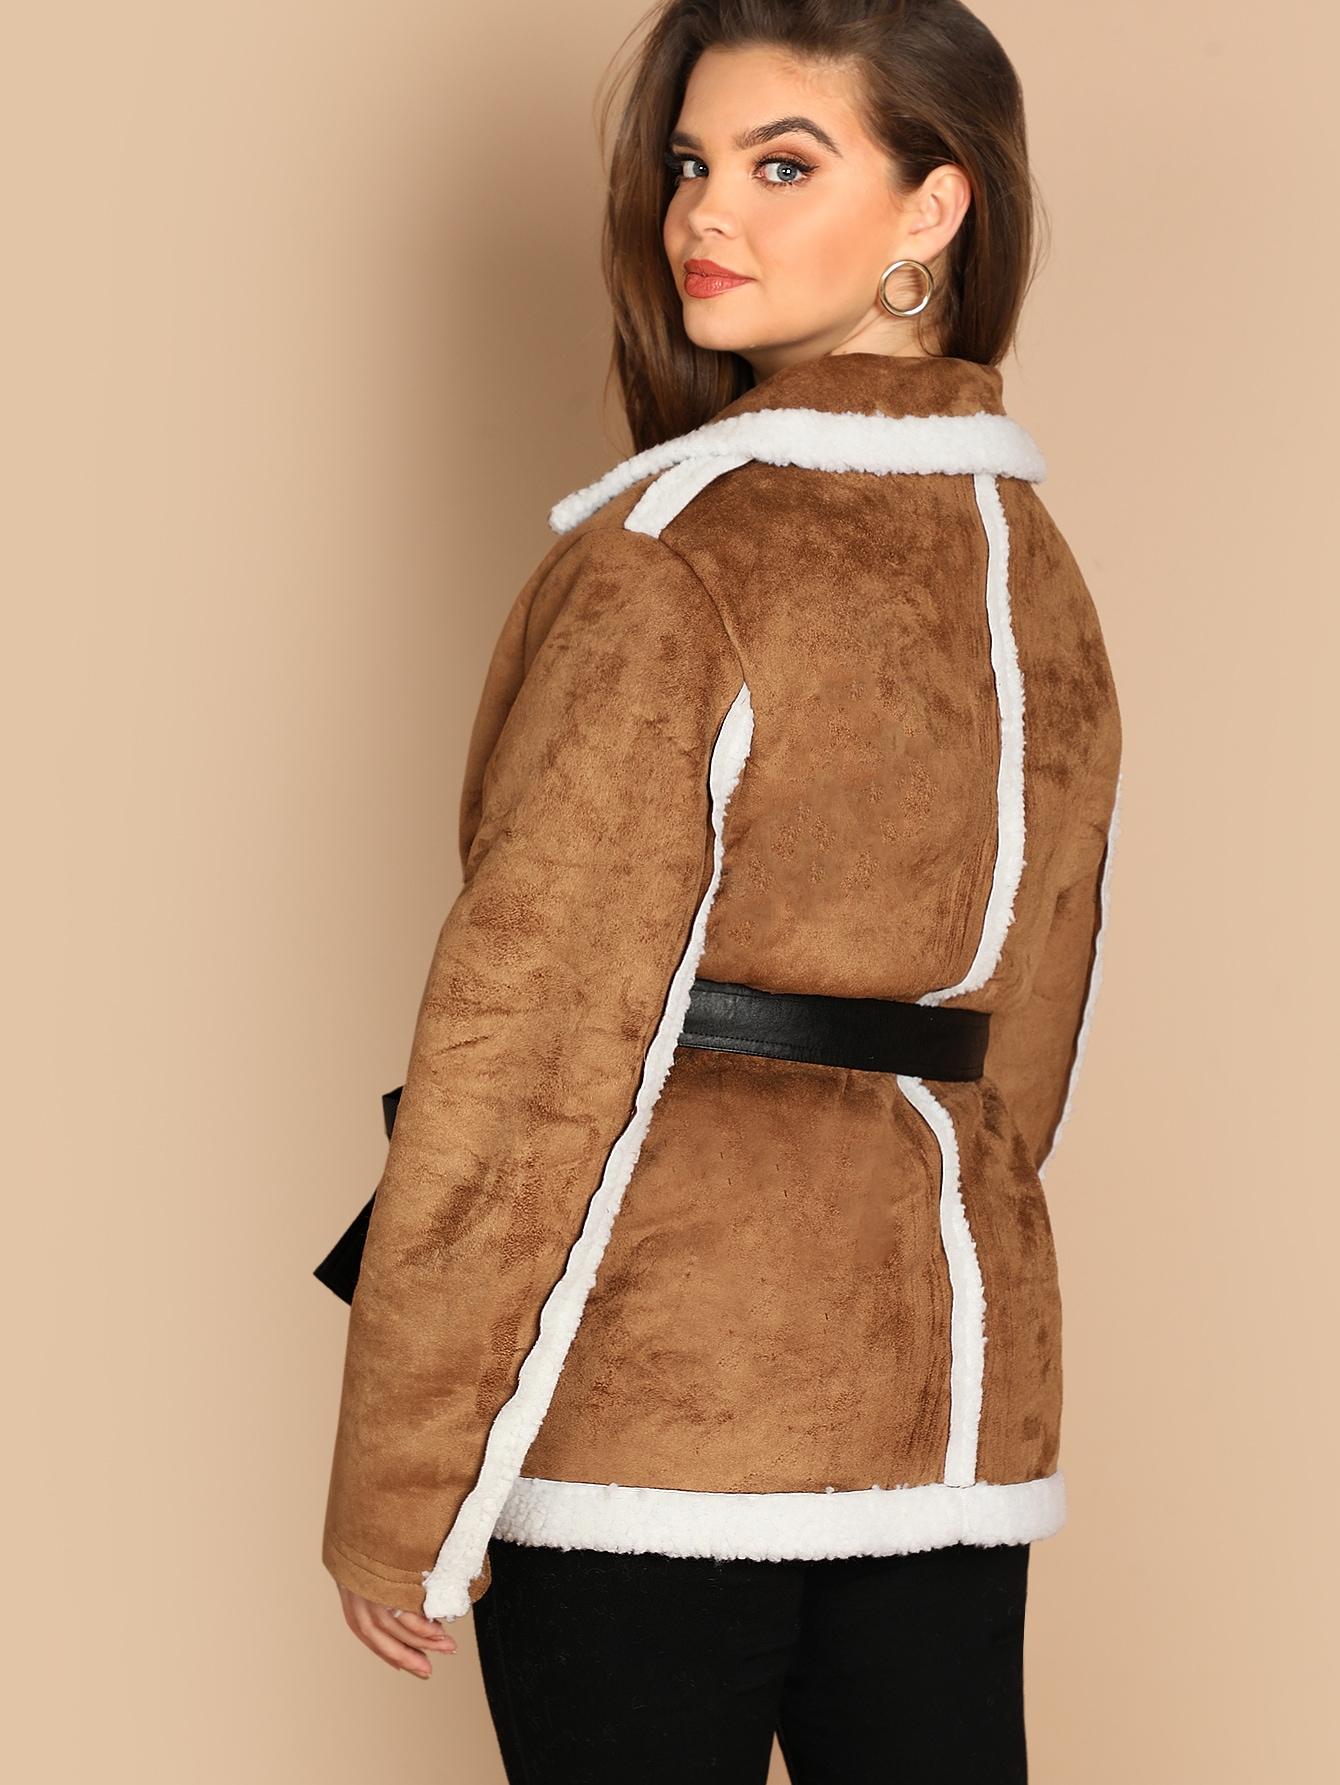 manteau en imitation peau de mouton avec n ud shein. Black Bedroom Furniture Sets. Home Design Ideas